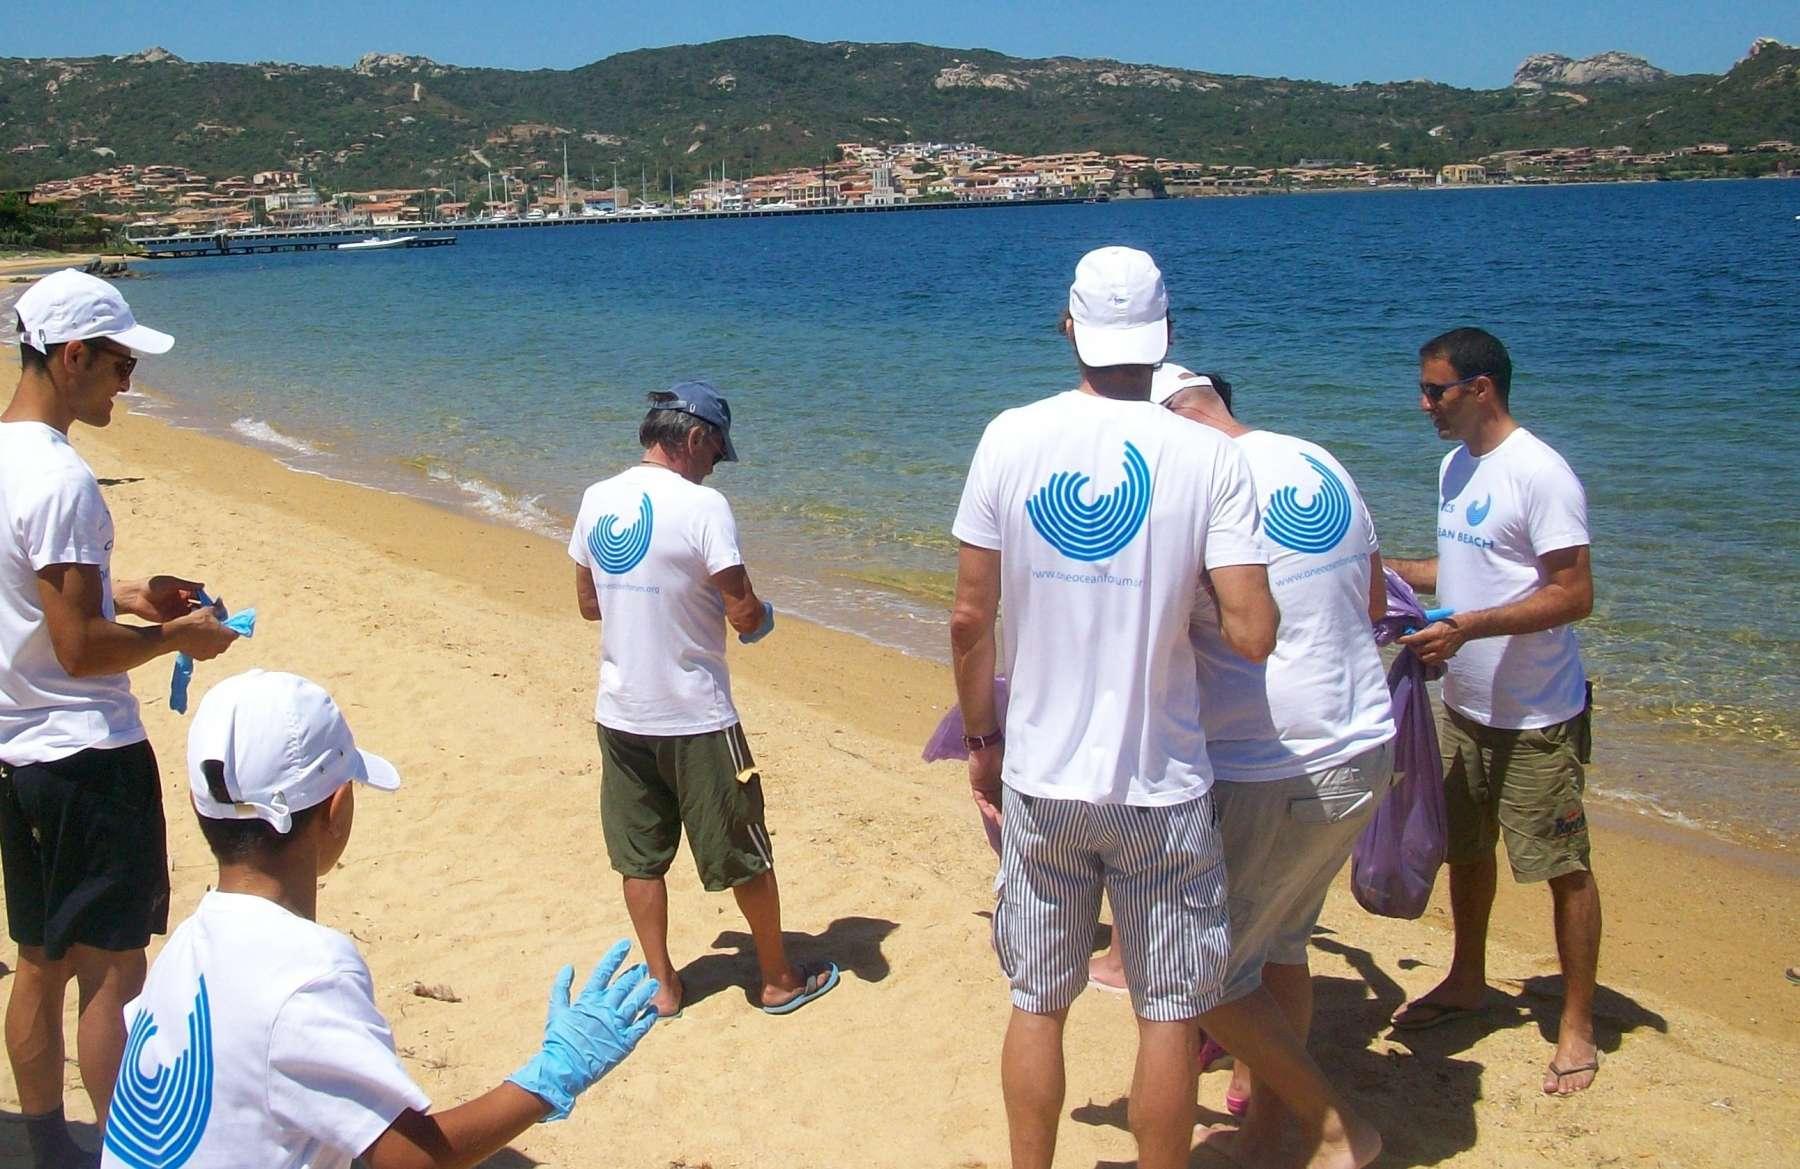 YCCS CLEAN BEACH DAY : Giornata dedicata alla pulizia delle spiagge - NEWS - Yacht Club Costa Smeralda